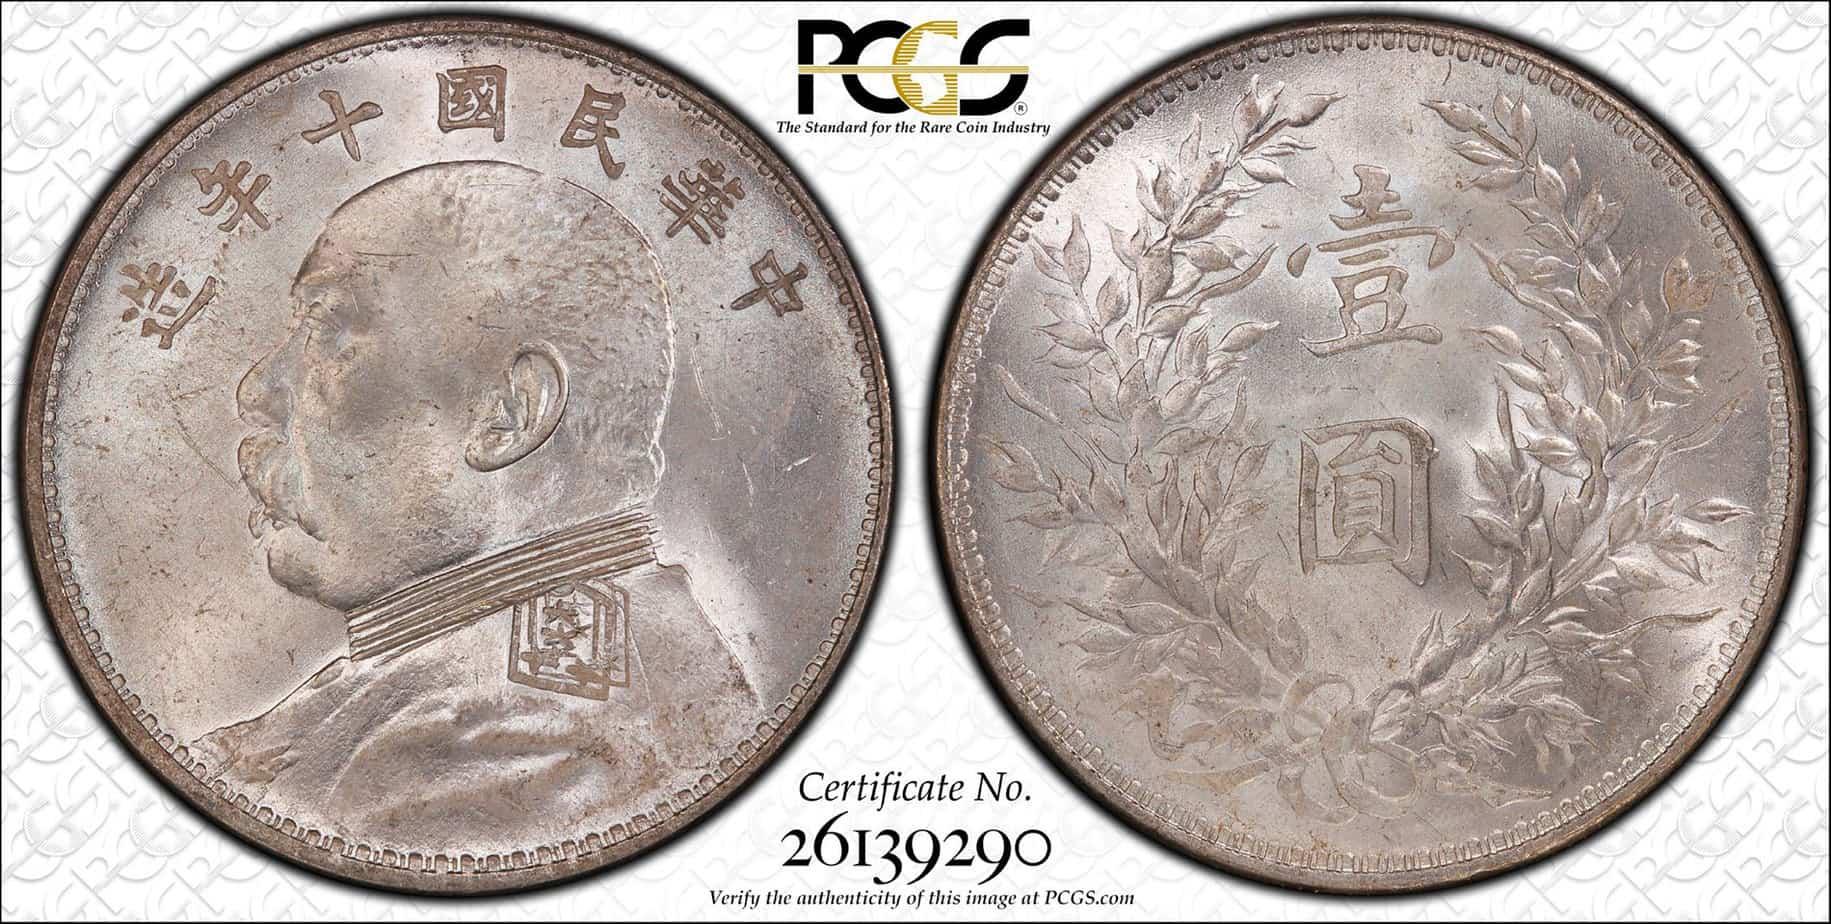 1 dólar LM-79 doble hombrera. República de China. Ejemplar 2